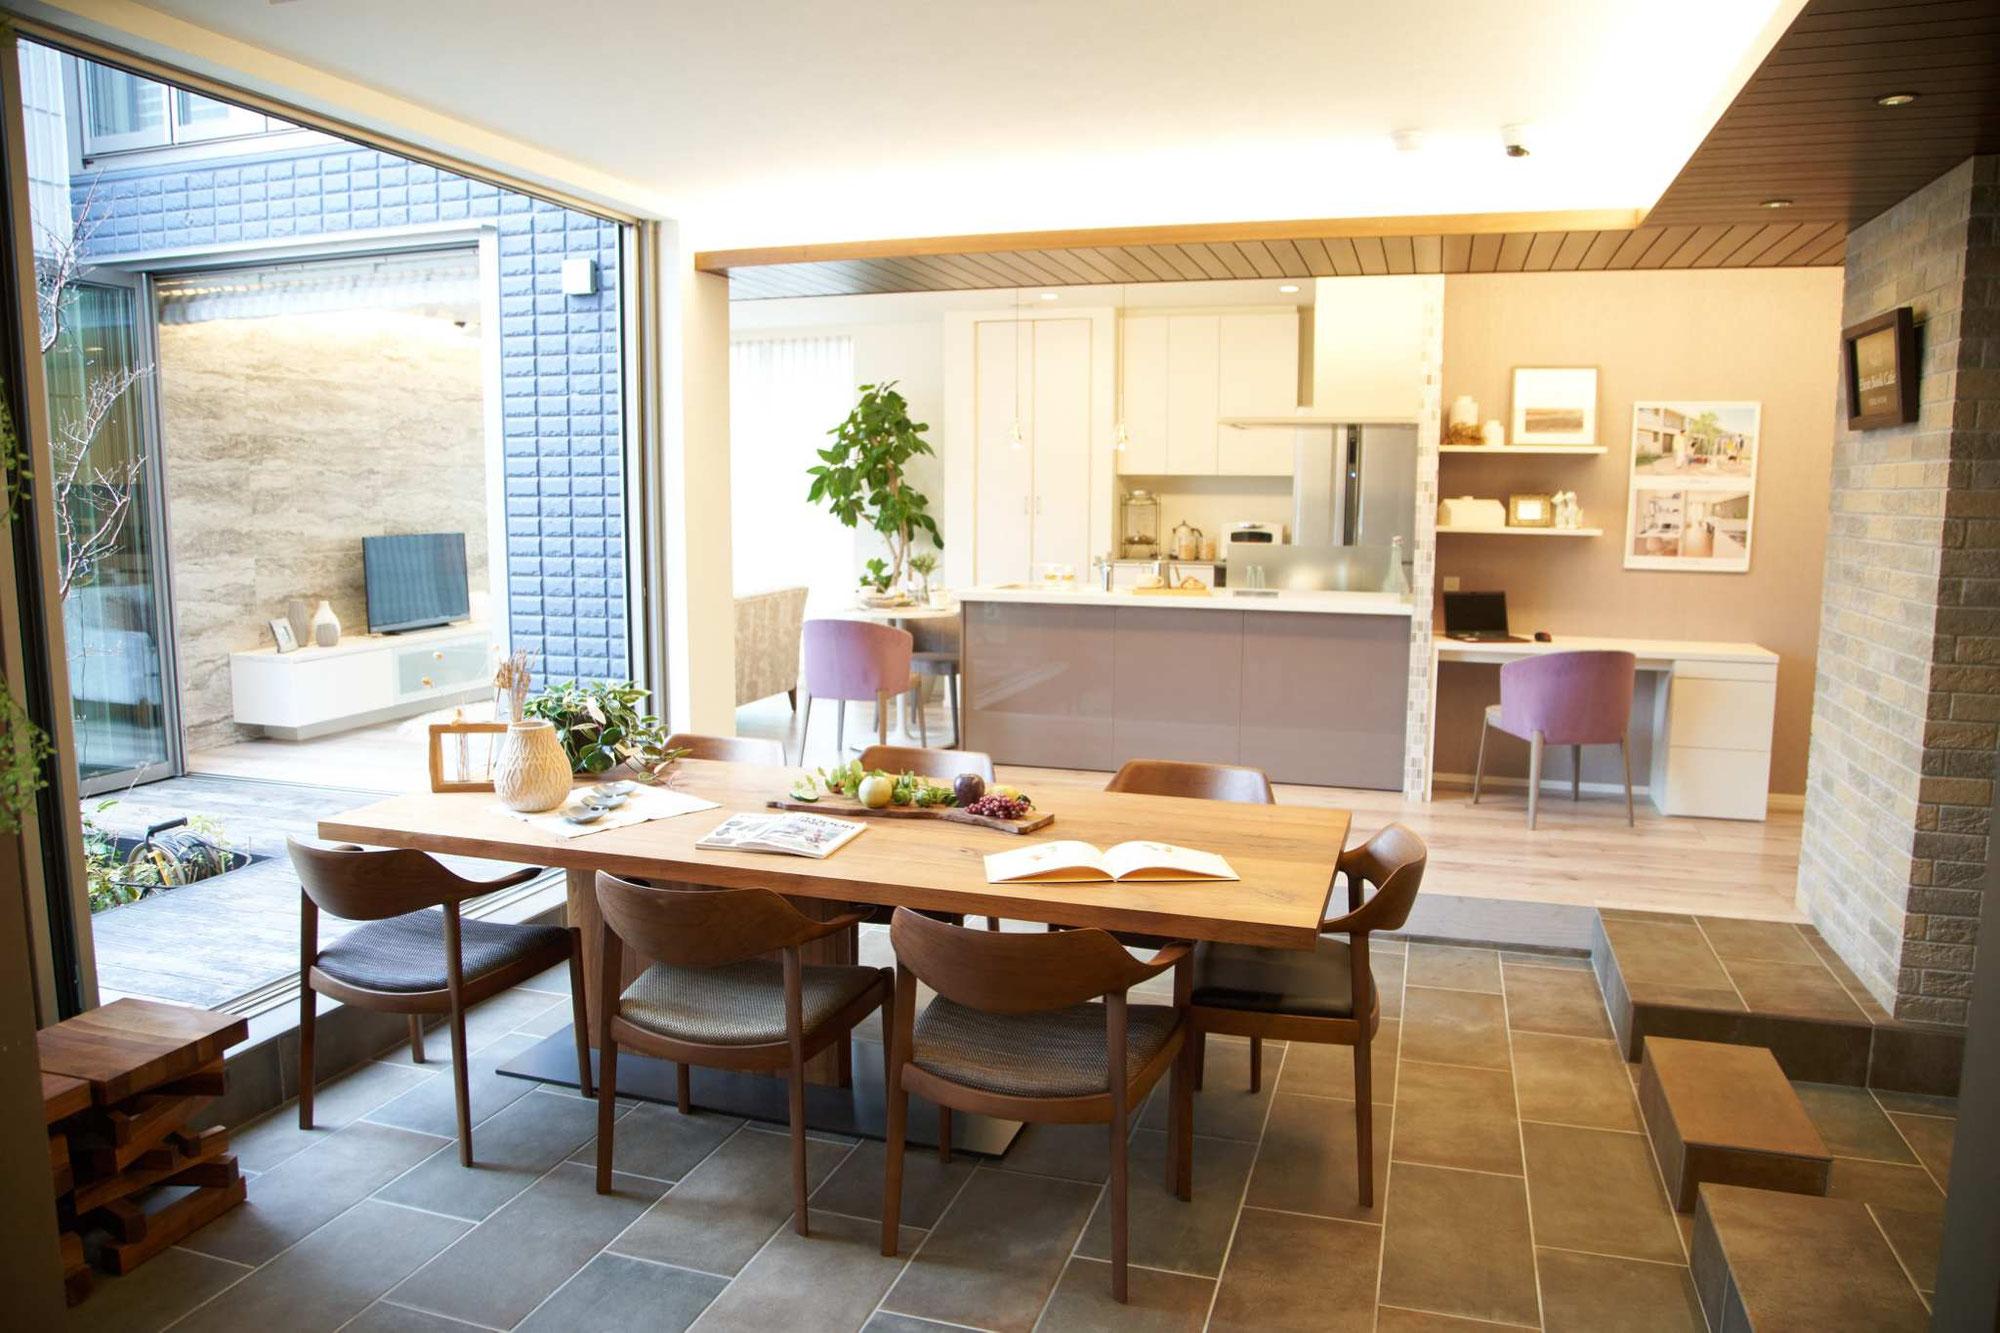 #21 自宅の一部を賃貸住宅として活用、旭化成ヘーベルハウス「FREX」(船橋モデル)